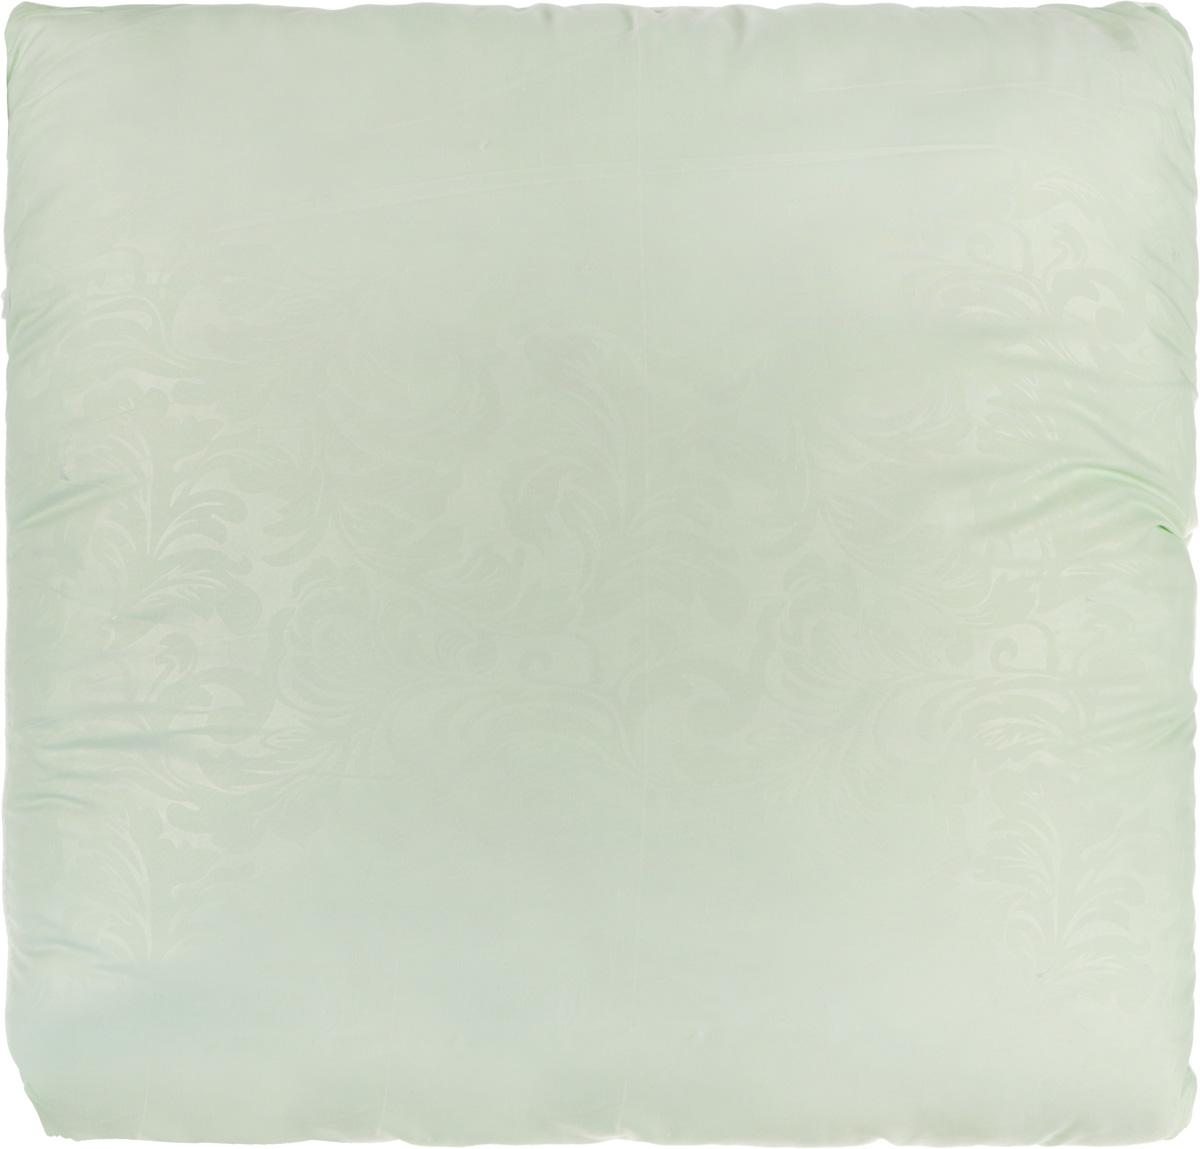 Подушка Smart Textile Безмятежность, наполнитель: лебяжий пух, алоэ вера, цвет: светло-зеленый, 70 х 70 смВZ36Удобная и мягкая подушка Smart Textile Безмятежность подарит здоровый сон и отличный отдых. Чехол подушки на молнии выполнен из микрофибры с красивым узором. В качестве наполнителя используется лебяжий пух, пропитанный экстрактом алоэ вера.Лебяжий пух - это 100% сверхтонкое высокосиликонизированное волокно. Такой наполнитель мягкий, приятный на ощупь и гипоаллергенный. Подушка удобна в эксплуатации: легко стирается, быстро сохнет, сохраняя первоначальные свойства, устойчива к воздействию прямых солнечных лучей, износостойка и прочна. Изделие обладает высокой теплоизоляционной способностью - не вызывает перегрева головы.Подушка обеспечит оптимальную, в меру упругую поддержку головы во время сна. На такой подушке комфортно спать в любую погоду людям всех возрастов.